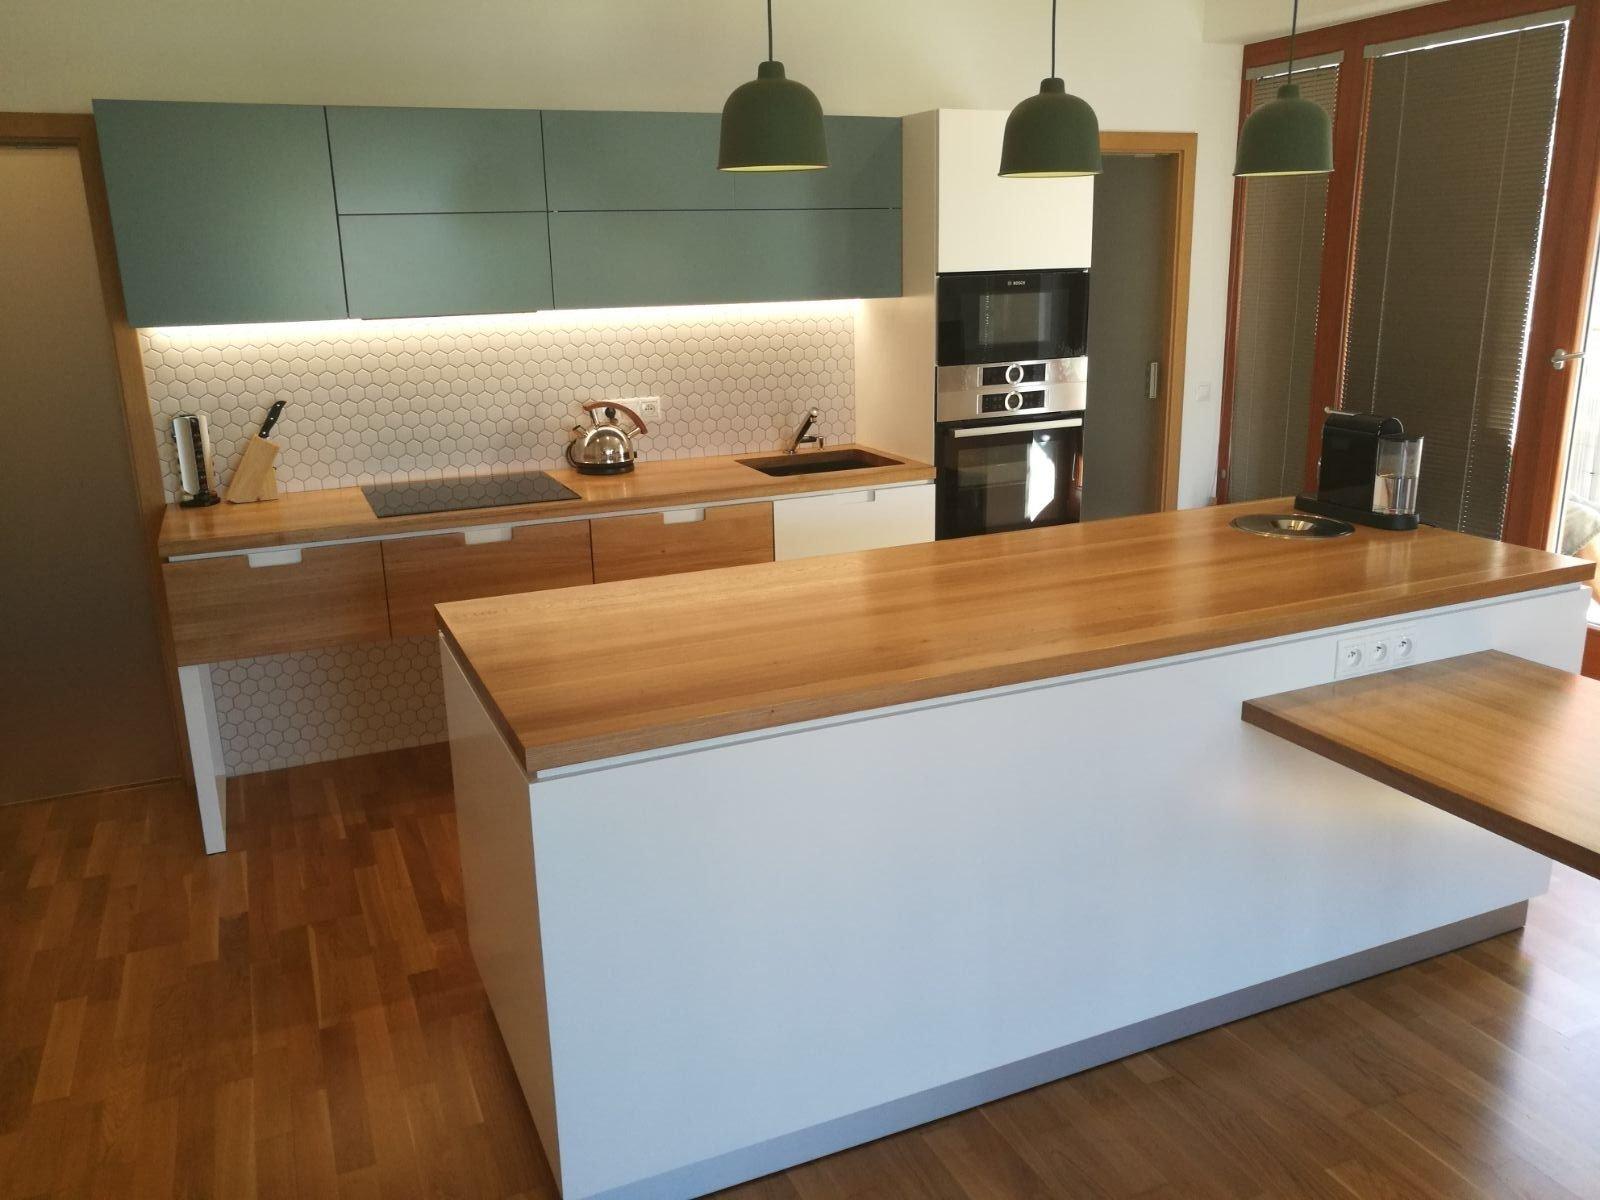 Výroba kuchyně na míru a nábytku do obývacího pokoje se zajímavým policovým systémem